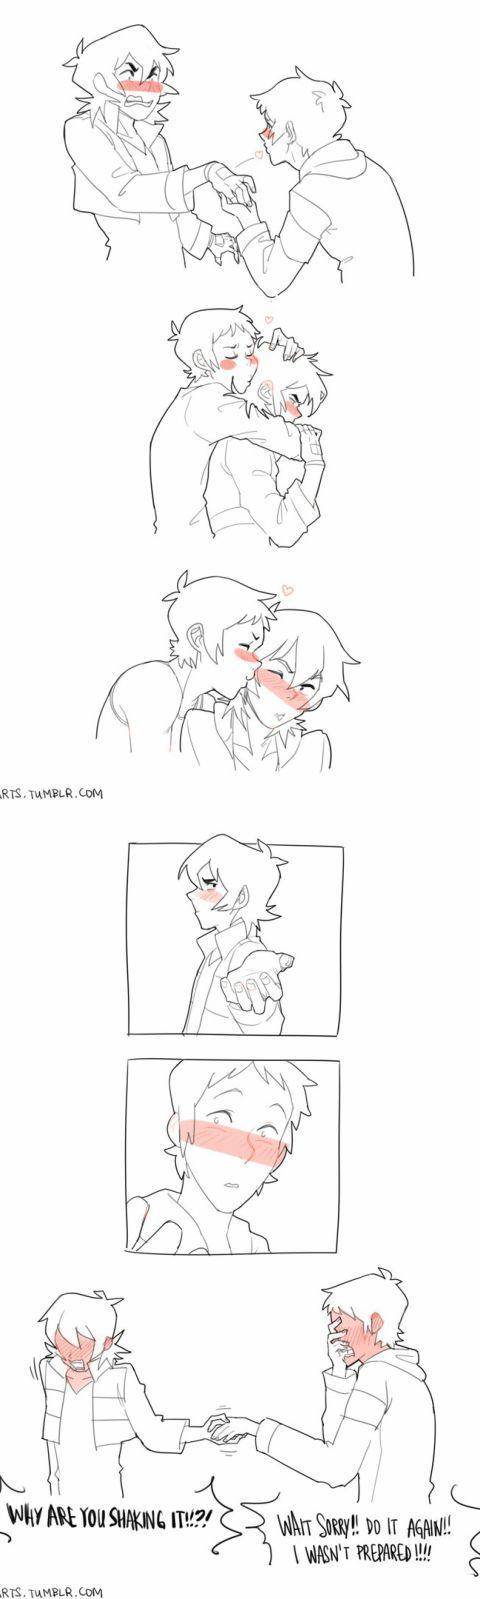 homo pige søger sorte kys